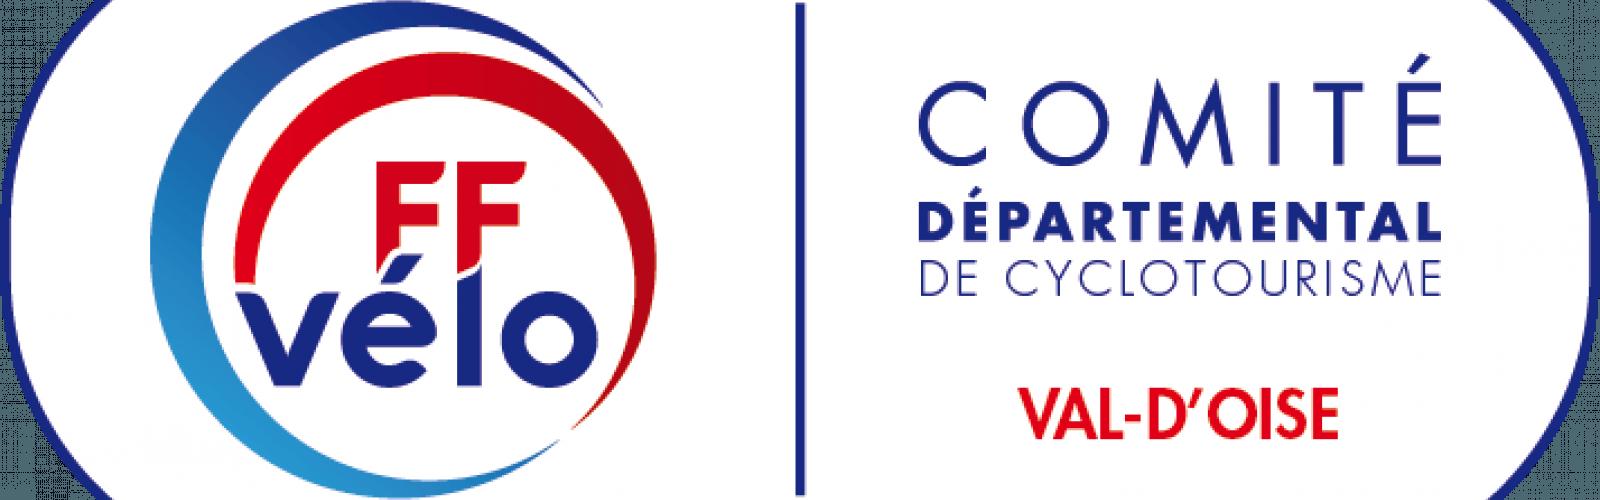 Comité départemental de cyclotourisme du Val d'Oise